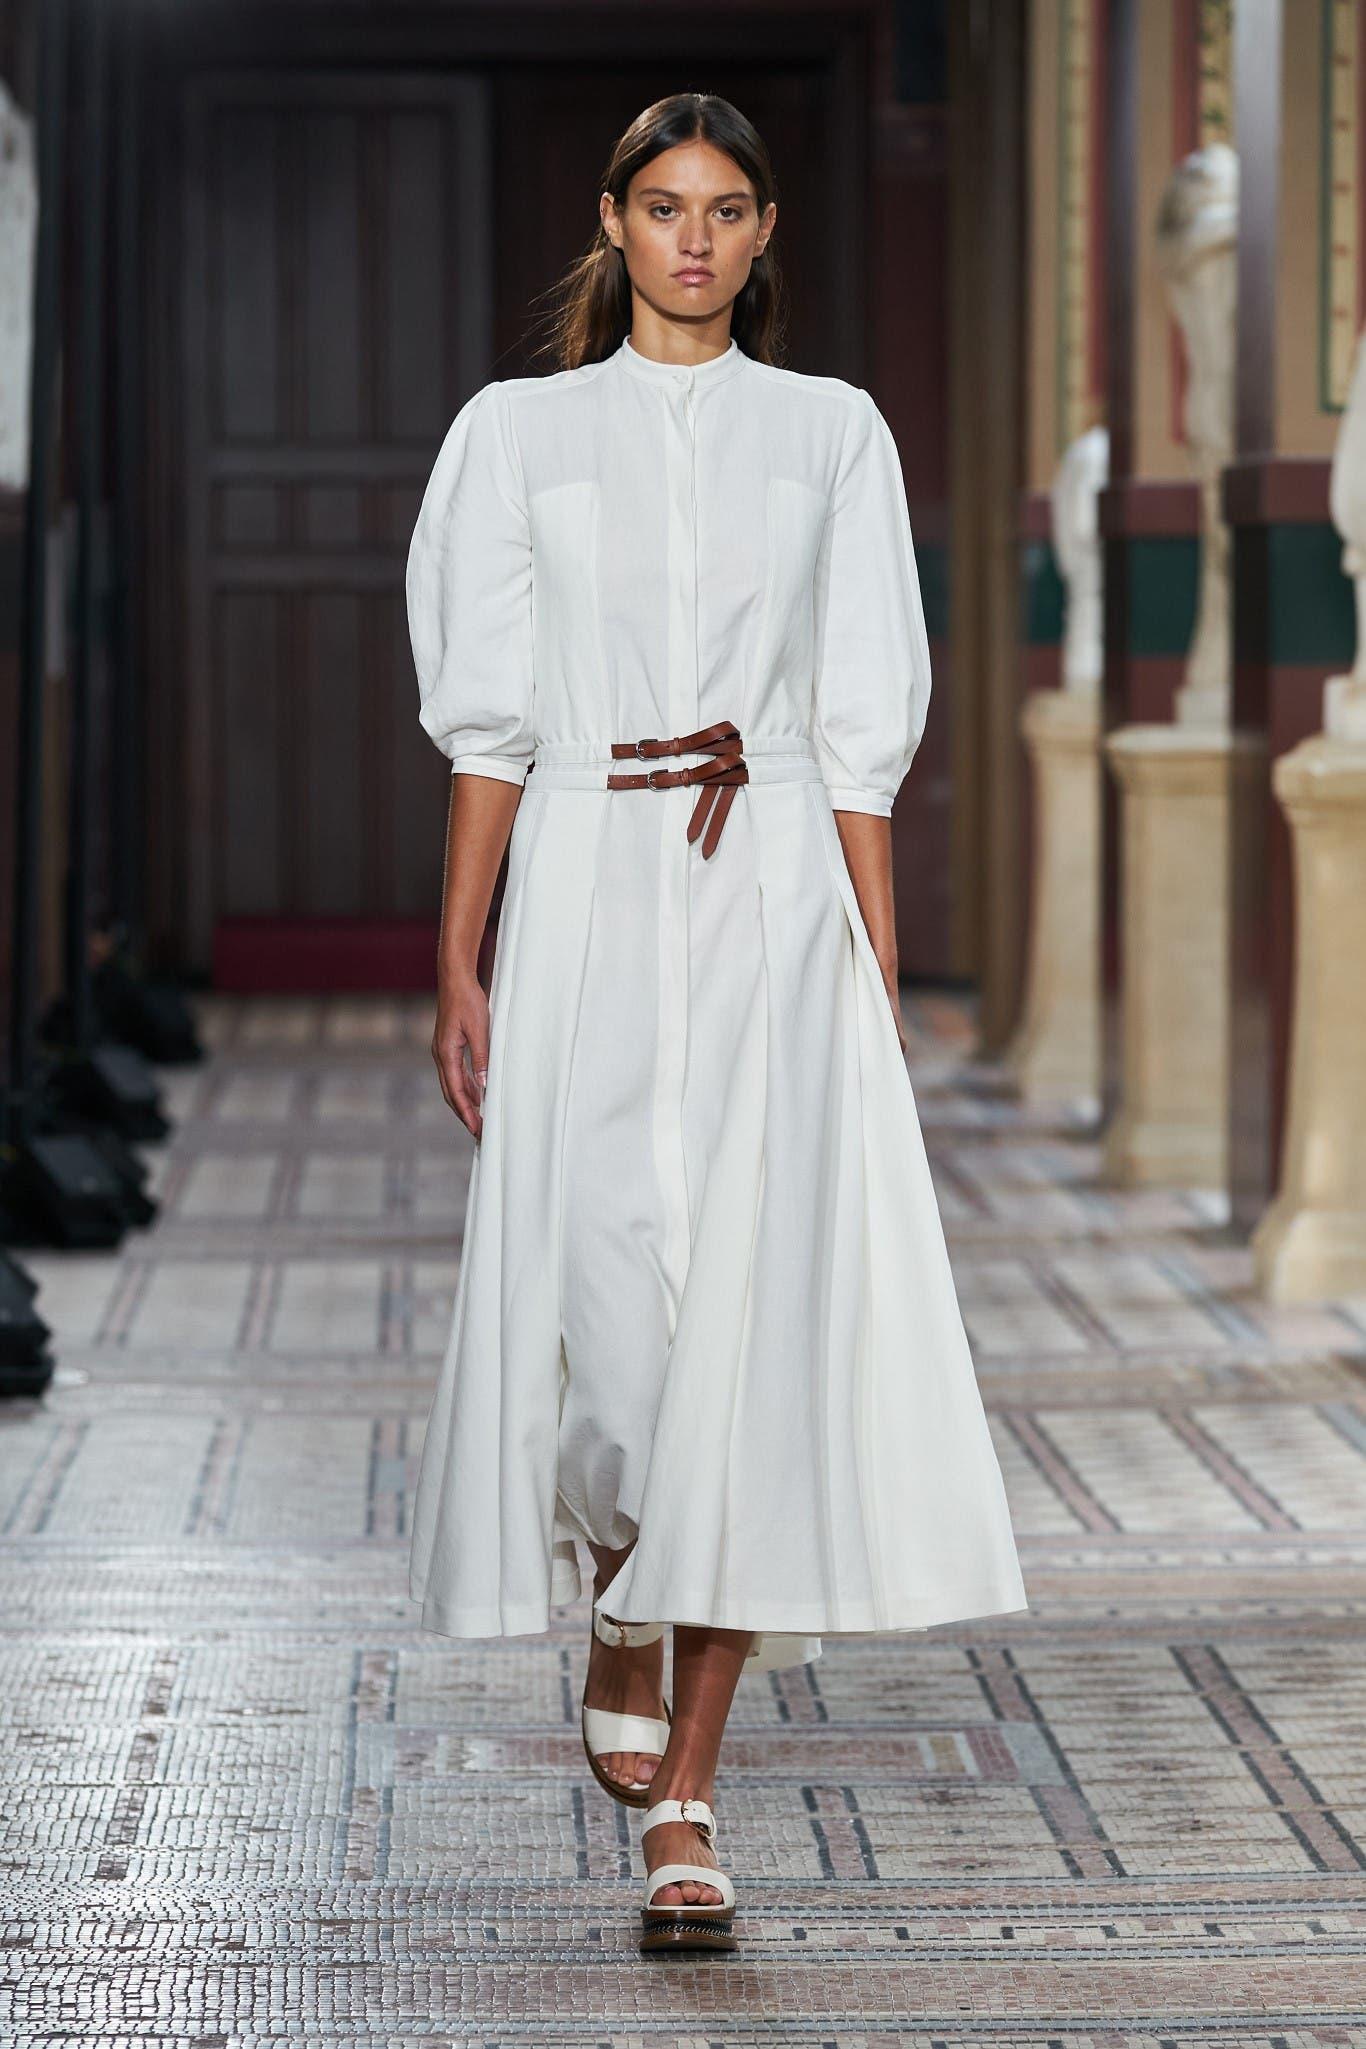 الثوب الأبيض القطني في عرض غابريللا هيرست